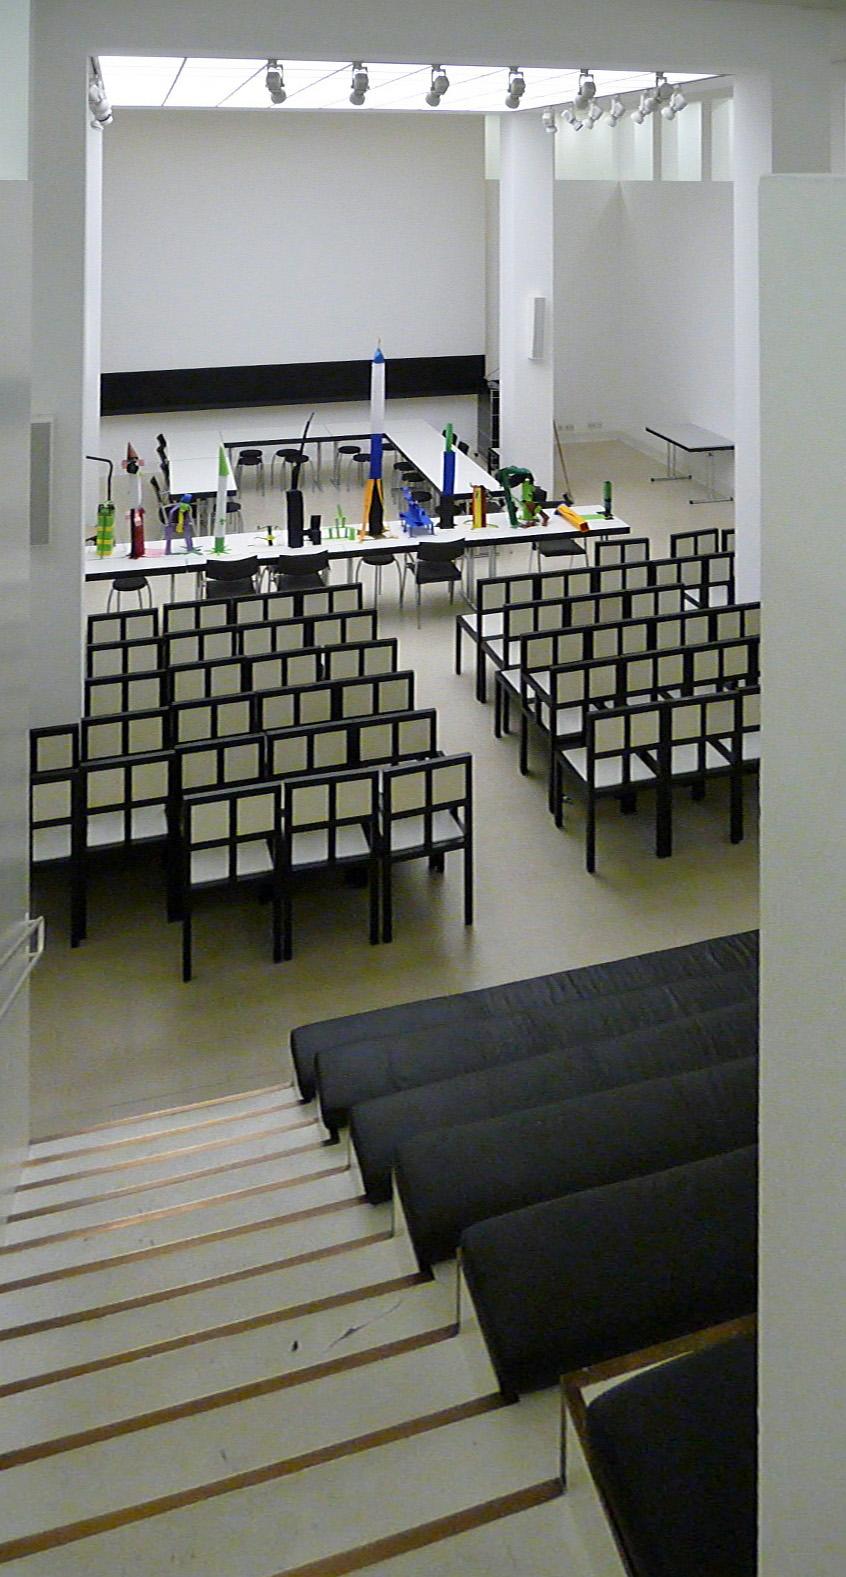 Das Auditorium im DAM mit den Stühlen nach Entwurf von Oswald Mathias Ungers (Bild: Warbug, dontworry, CC-BY-SA 3.0)